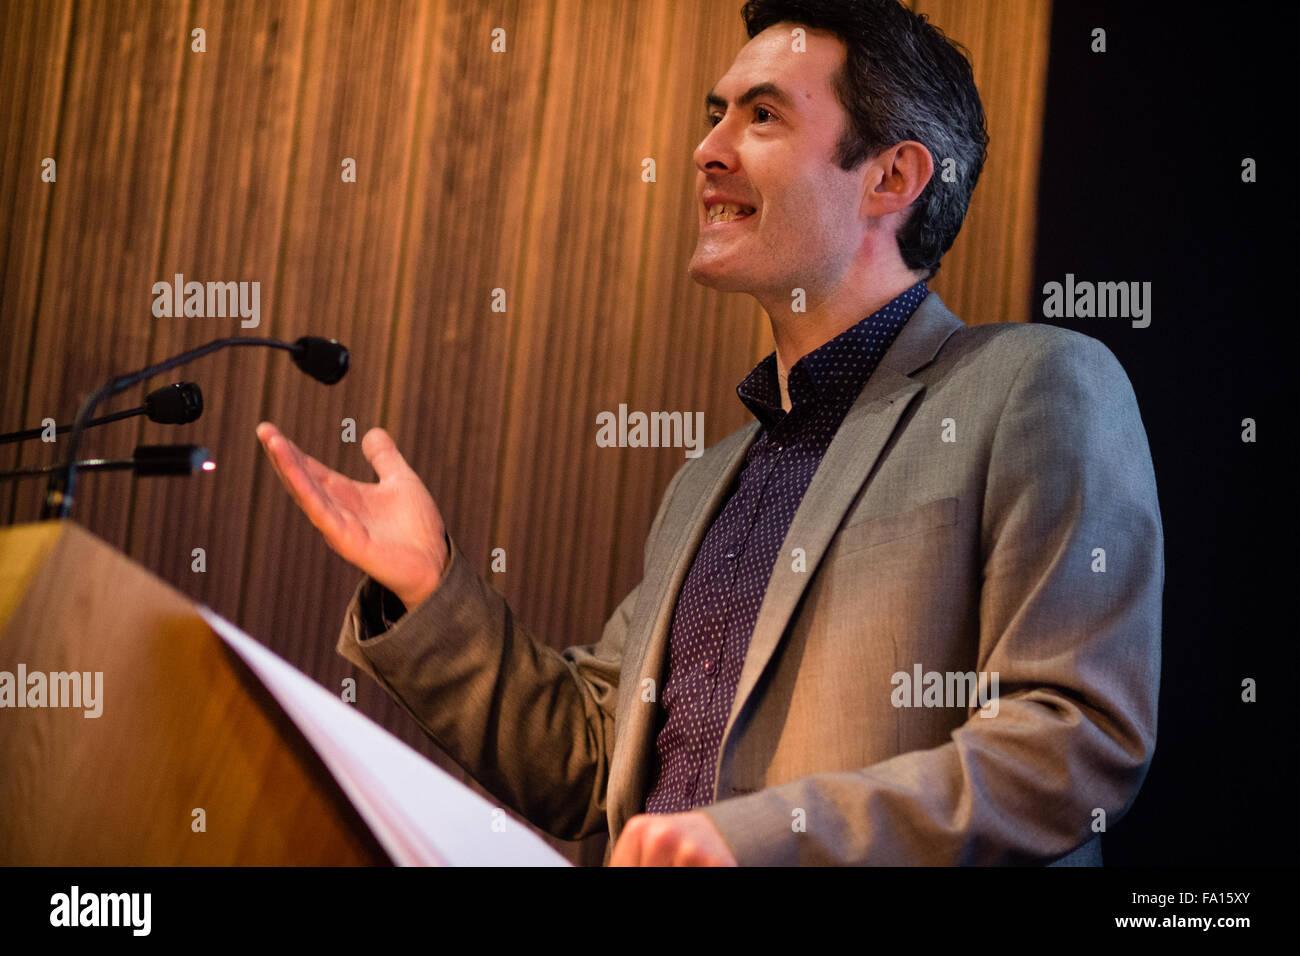 """JASON DAVIES WALFORD, poète, écrivain et universitaire, la lecture de ses poèmes dans un 'ekphrastic"""" réponse à la photographe de Magnum Photos Philip Jones Griffiths à l'objectif du Festival de la photographie documentaire. National Library of Wales Aberystwyth. Ekphrasis est une image, souvent dramatique, description d'une œuvre d'art visuel Banque D'Images"""